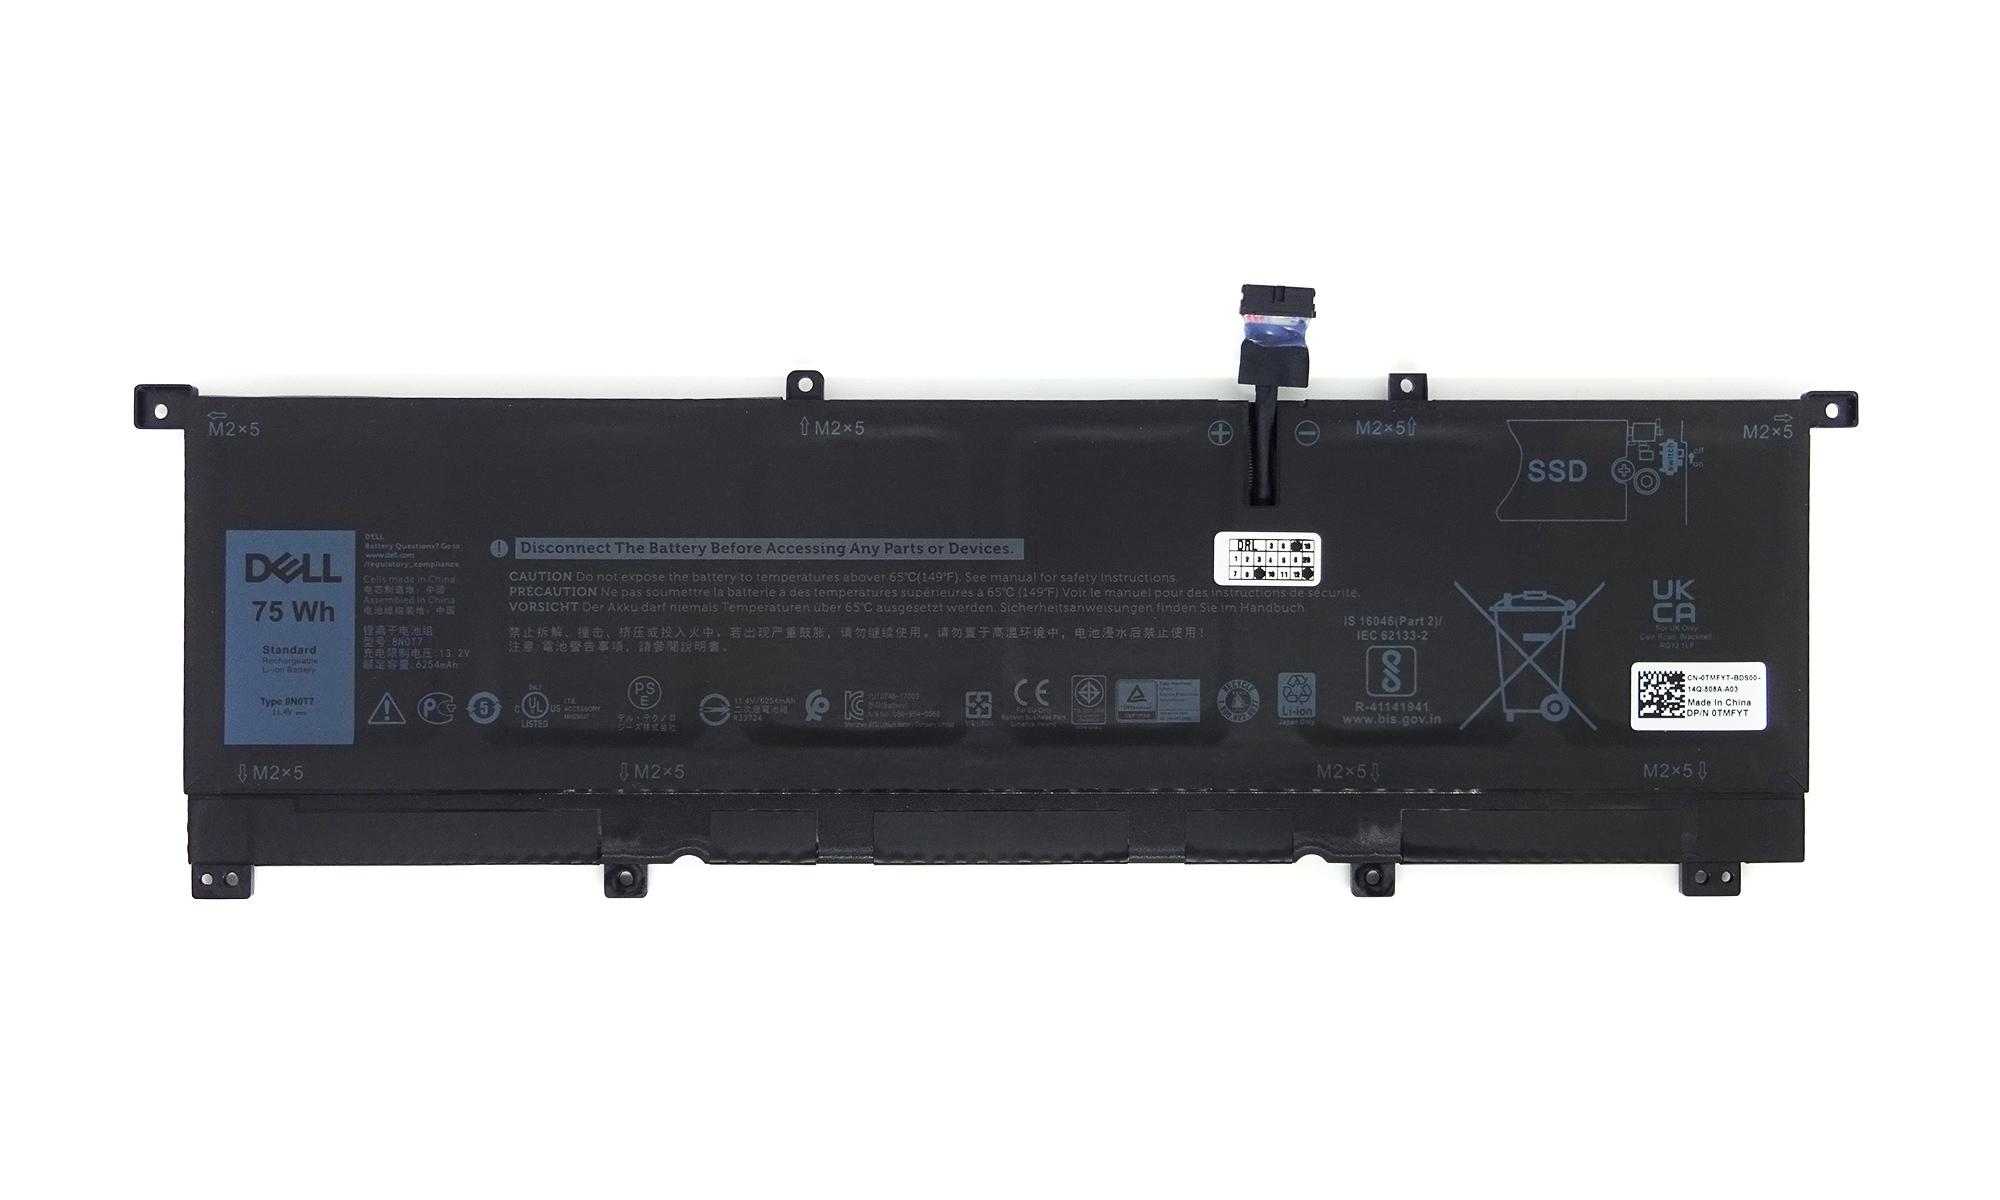 Baterie originala laptop Dell Precision 15 5530 2-in-1, XPS 15 9575 2-in-1, 11.4V, 6254mAh, 75Wh, model 8N0T7